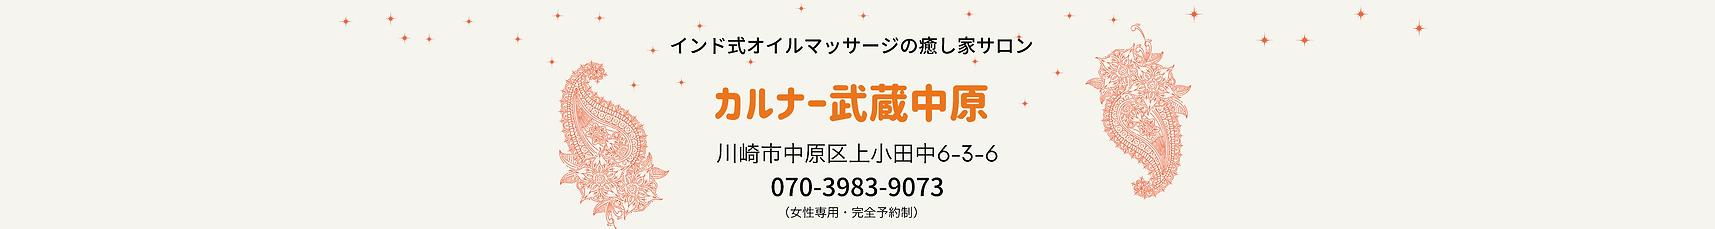 CC517A04-69AD-4693-9EC7-3AB0FDDBD2C4.PNG